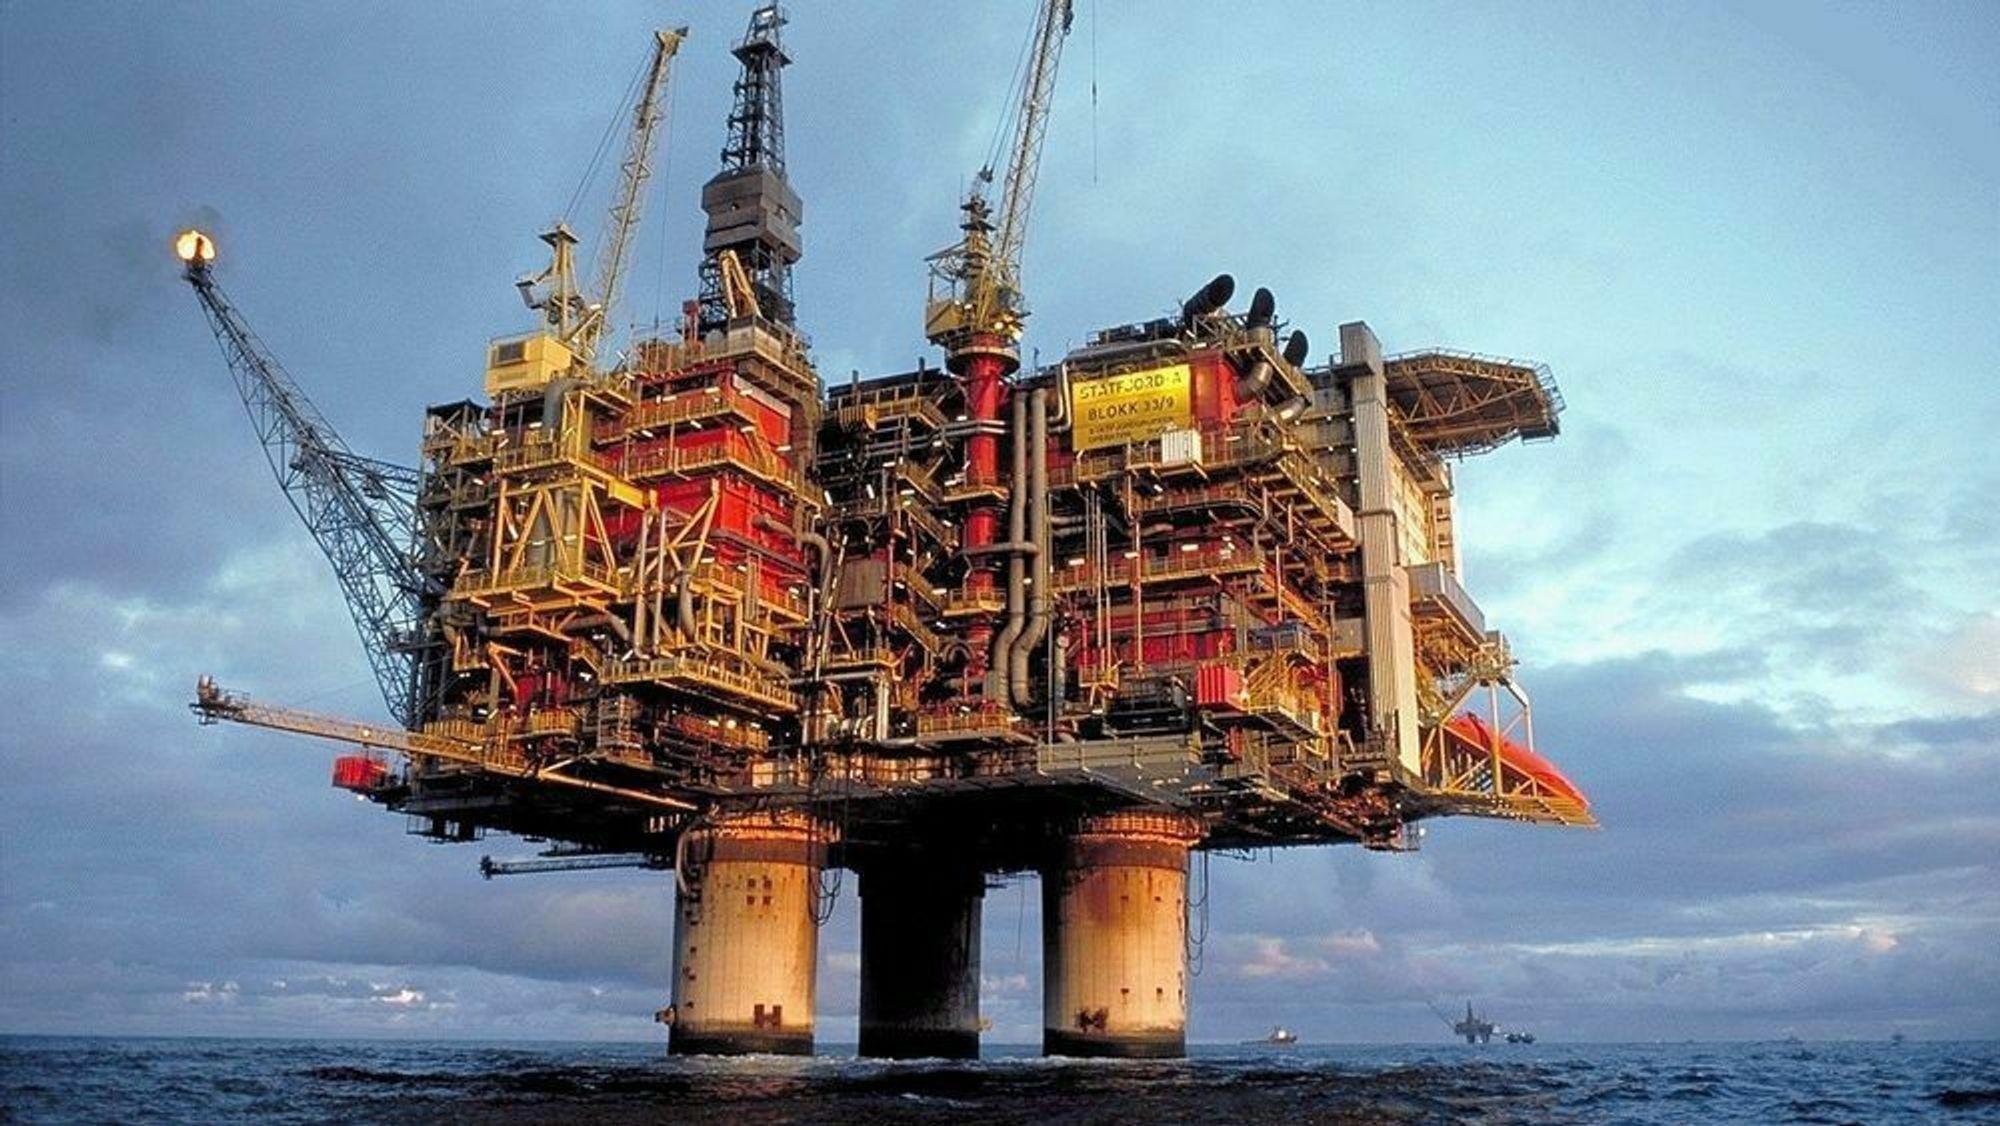 Oljeselskaper på norsk sokkel betalte 116 milliarder kroner i skatt i 2019. Equinor betalte mest av alle, med over 58 milliarder i skatt.